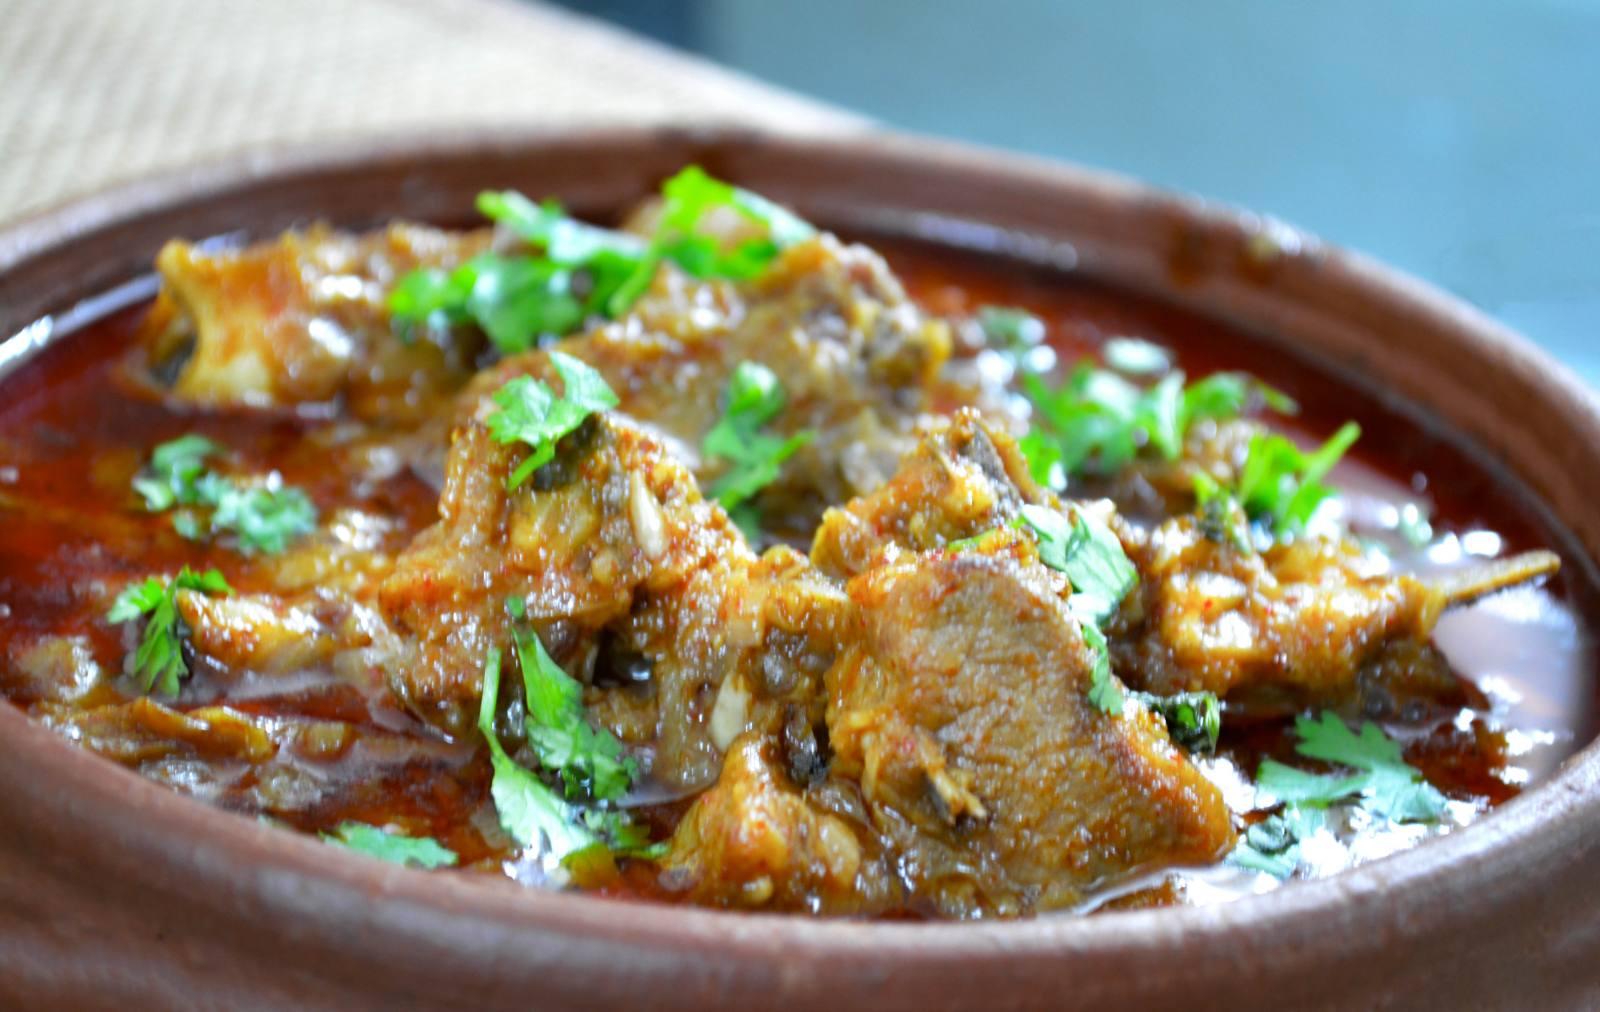 Dhaba mutton recipe spicy mutton gravy by archanas kitchen dhaba mutton recipe spicy mutton gravy forumfinder Gallery